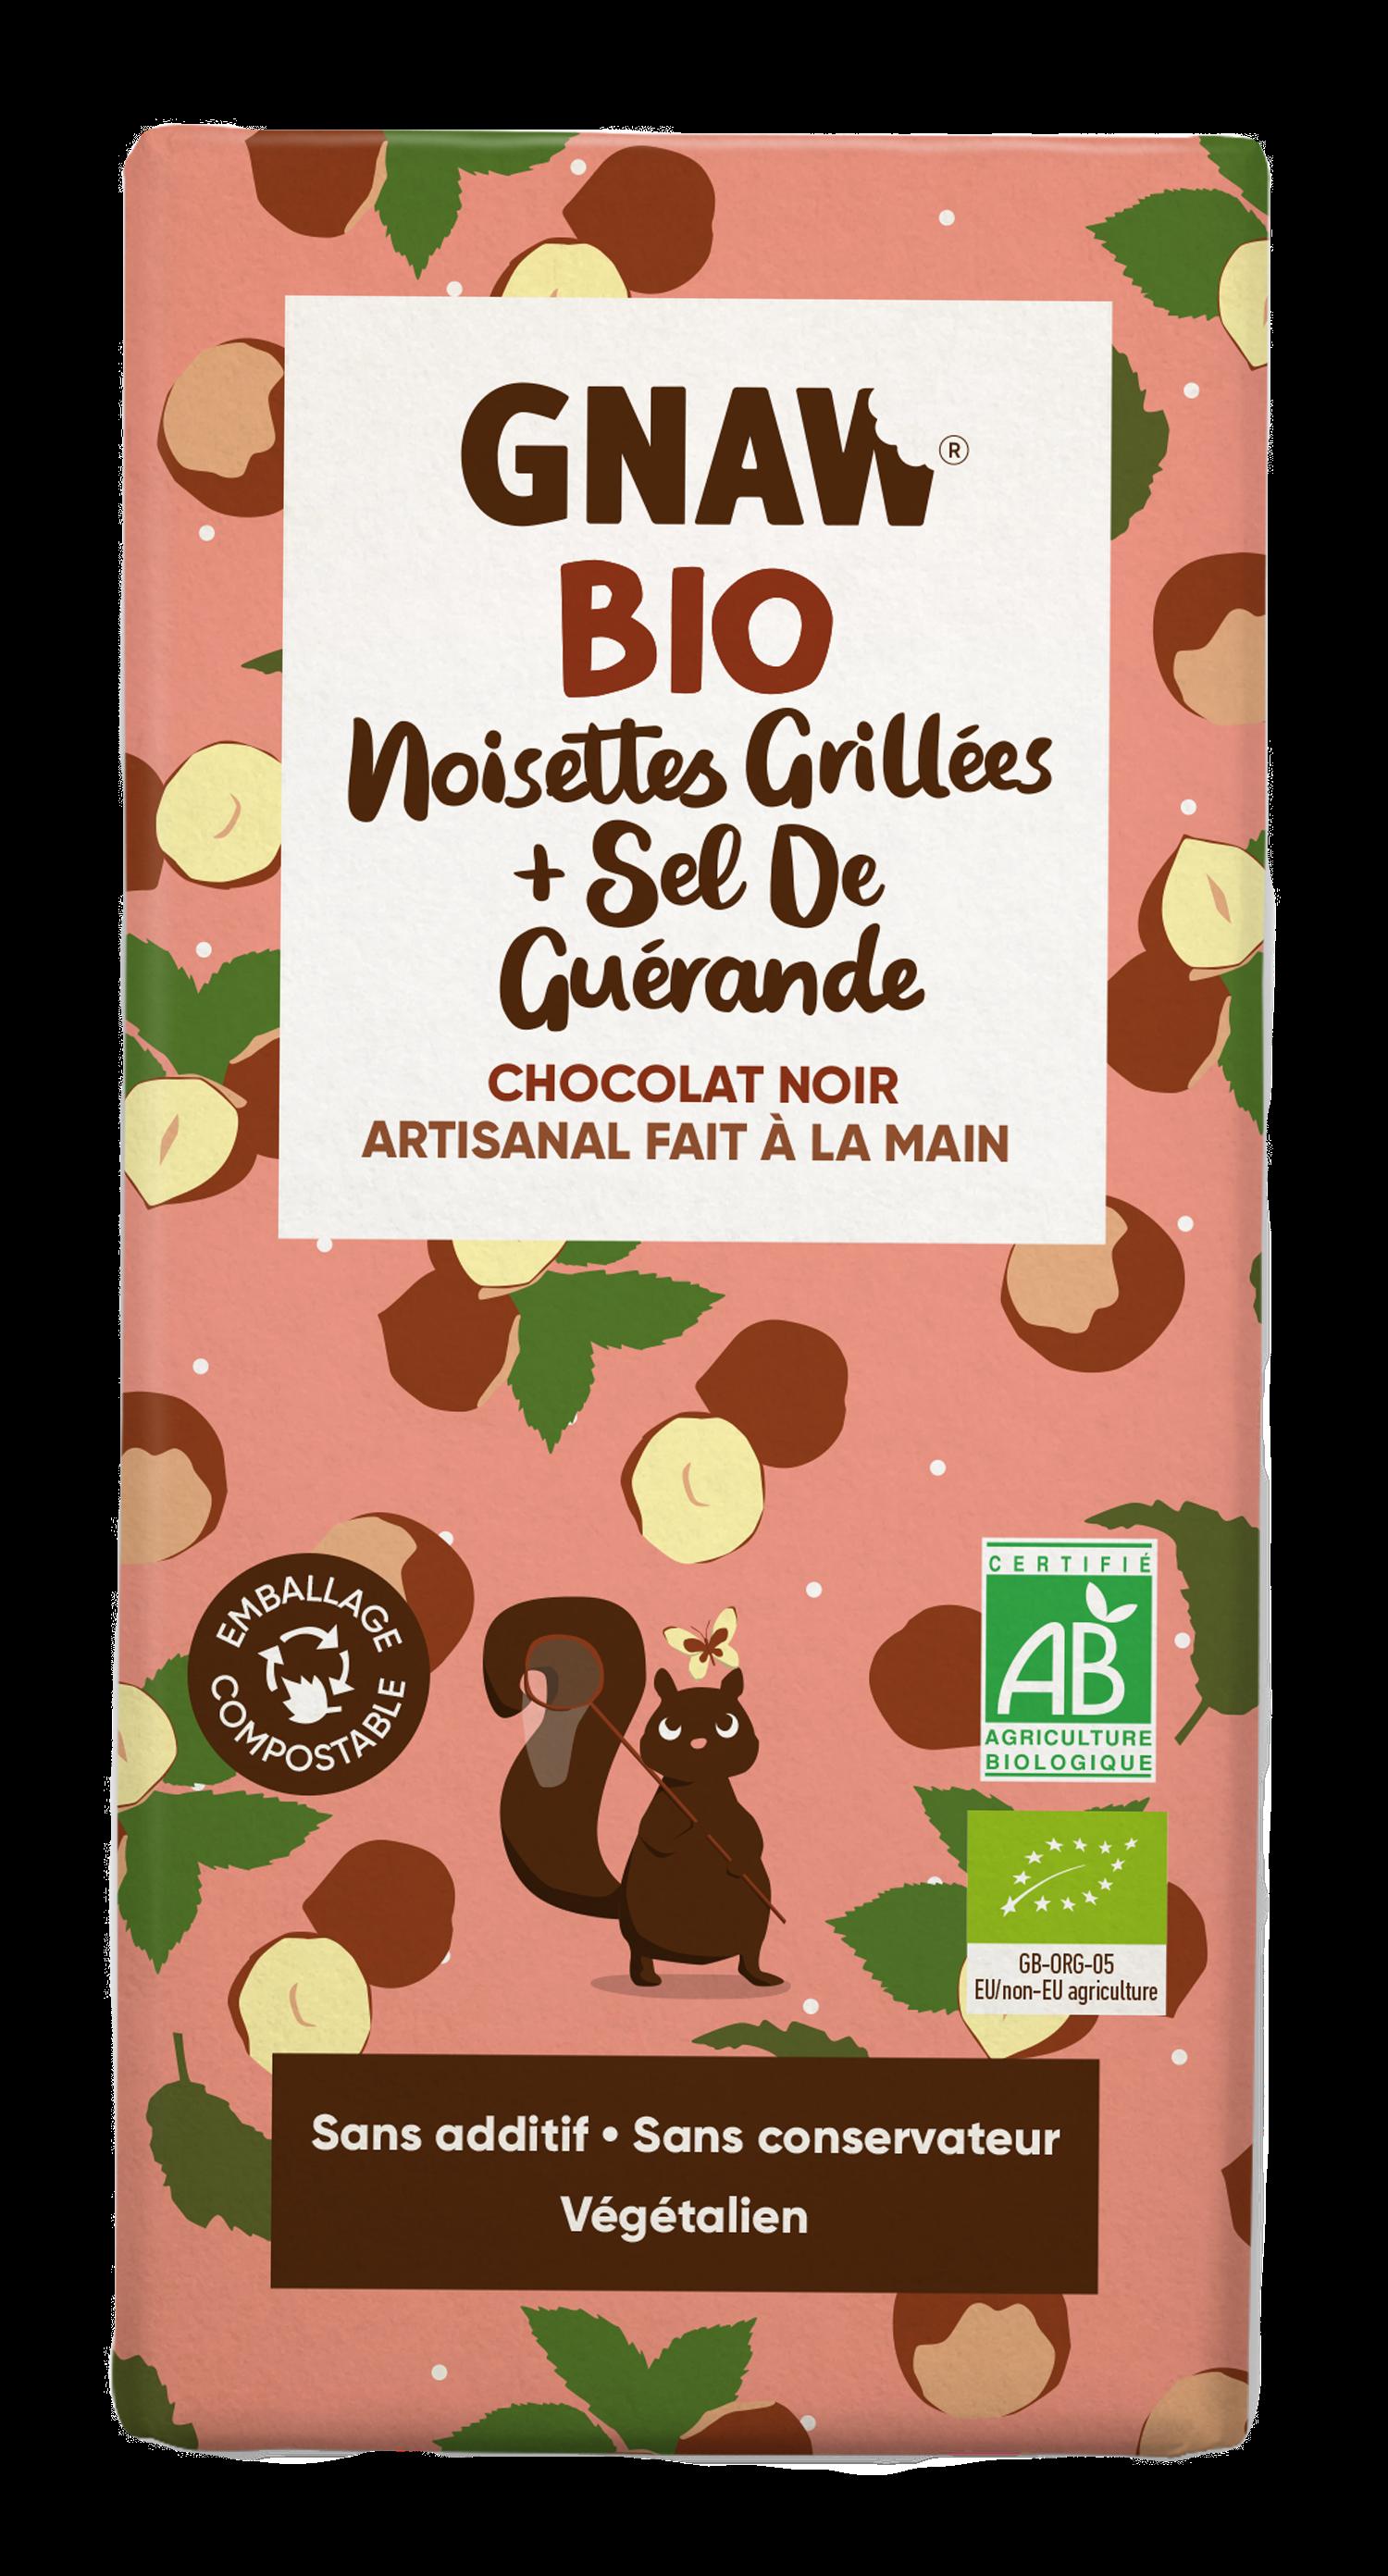 05060463490911 GNAW CHOCOLAT BIO NOIR, NOISETTES GRILLEES ET SEL DE GUERANDE